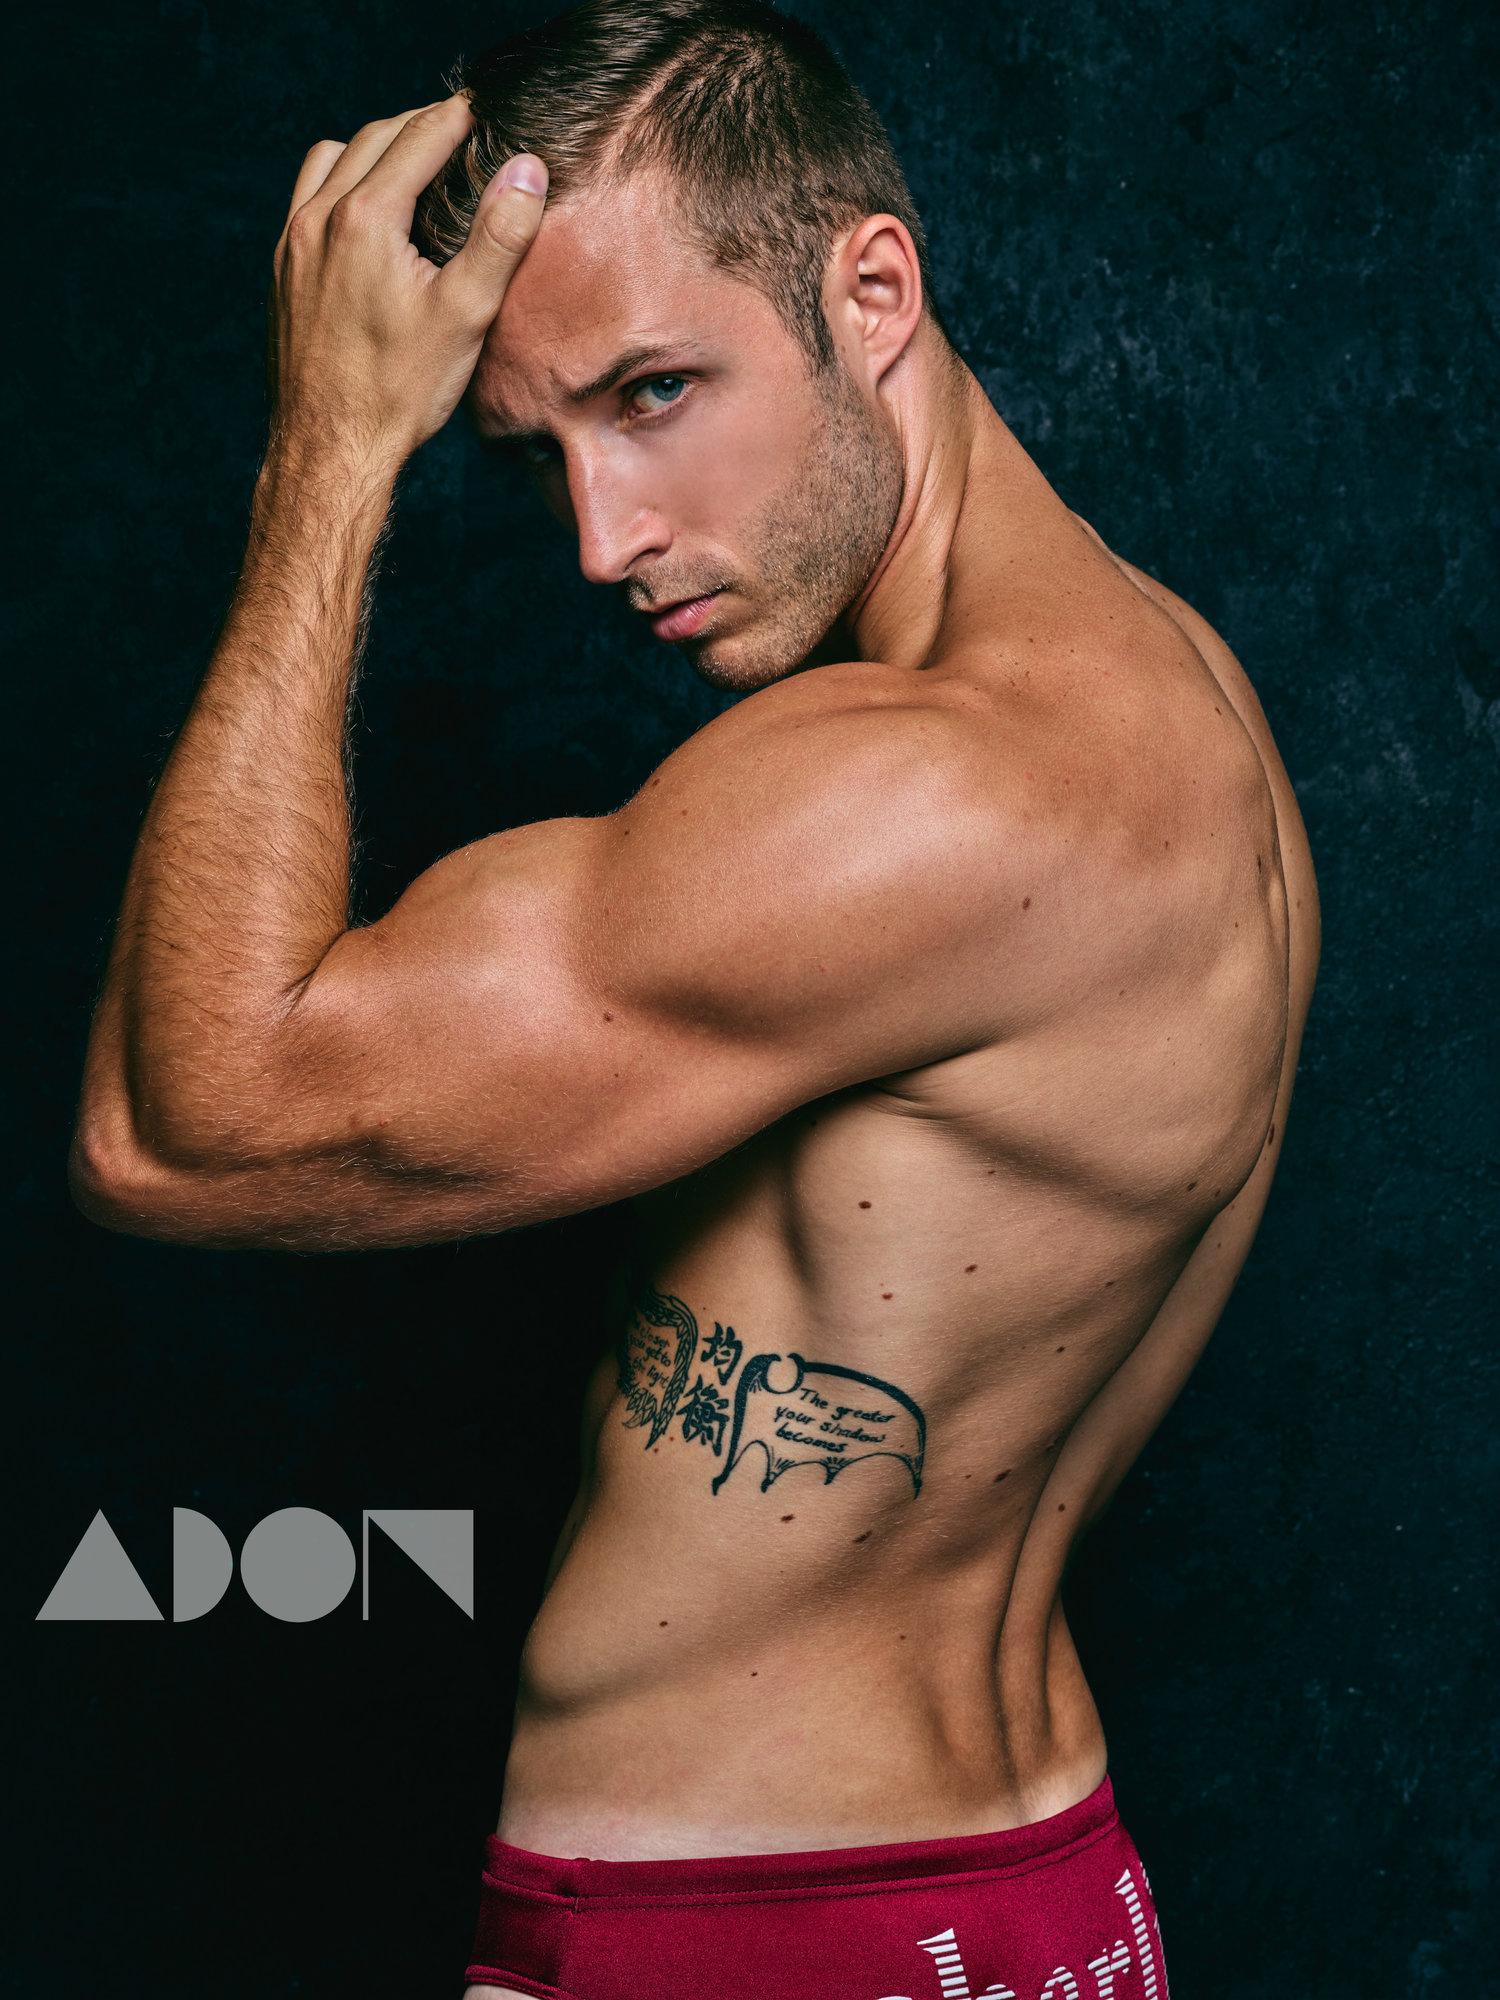 Adon Exclusive: Model Dillion Lalor By Carlos Trey Salazar